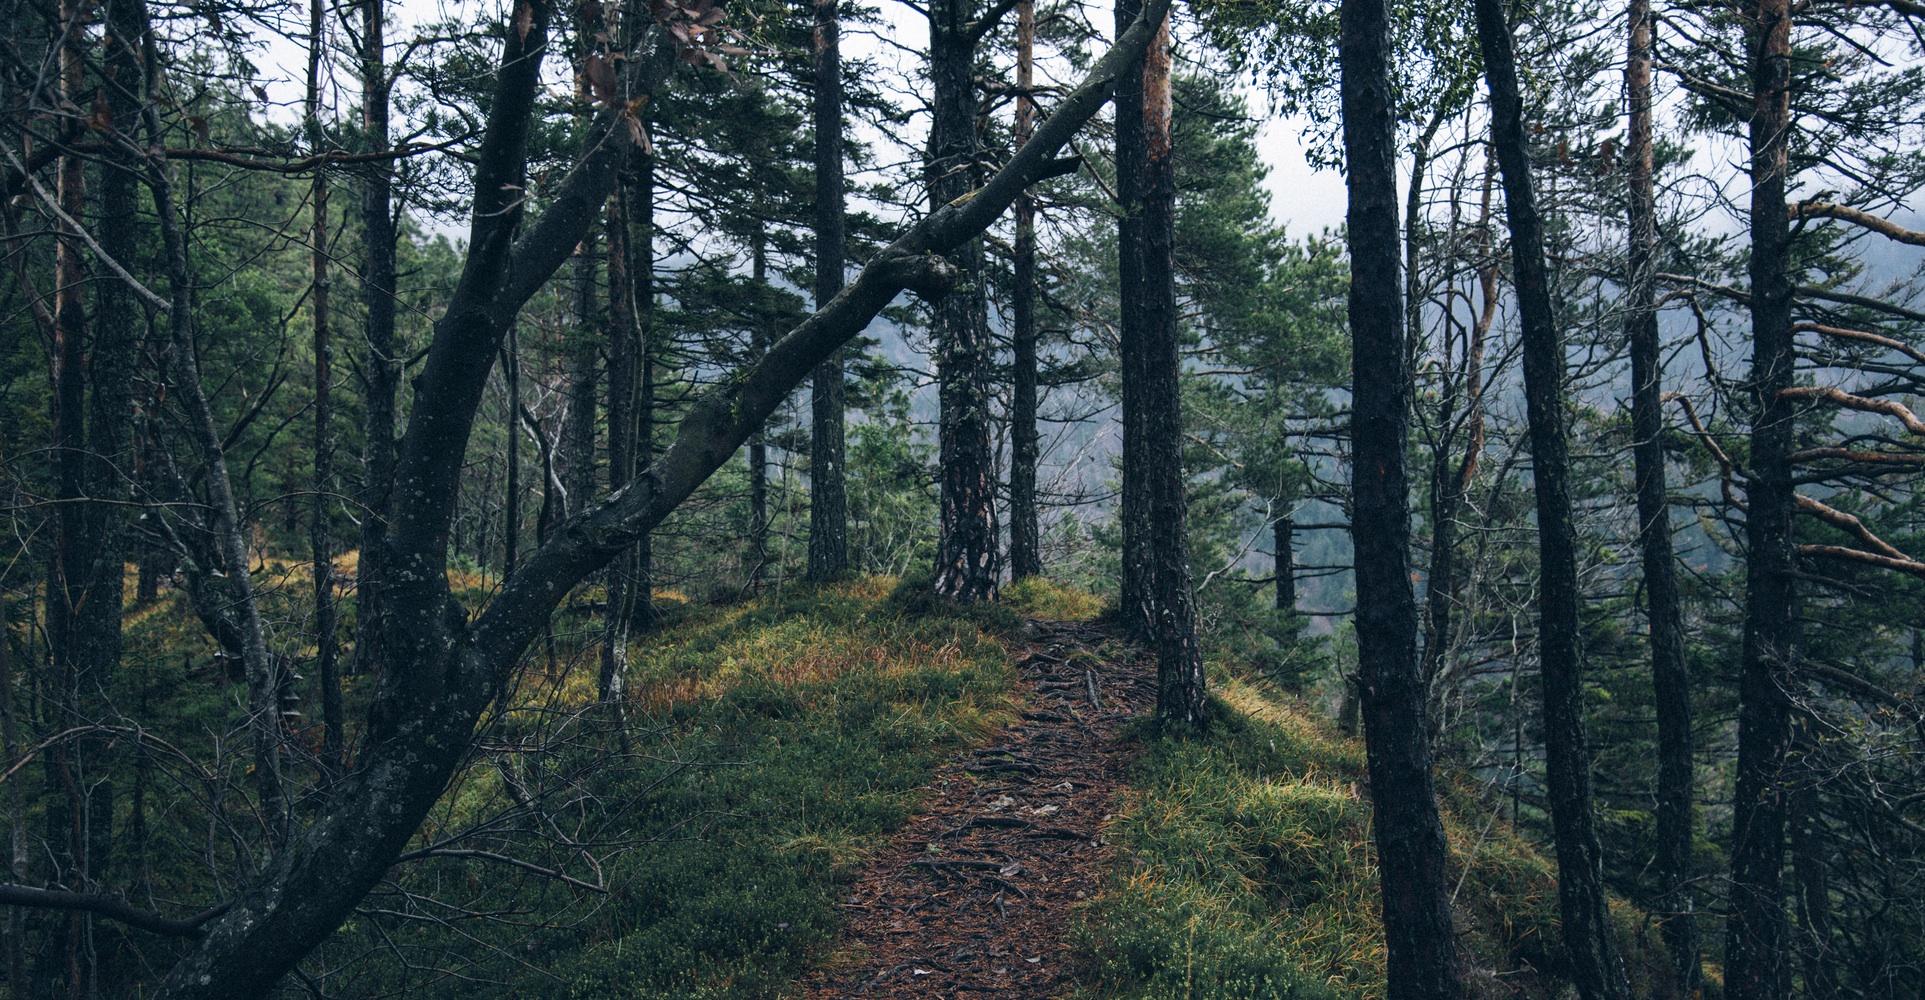 ścieżka w lesie, zdjęcie: unsplash.com, CC-0